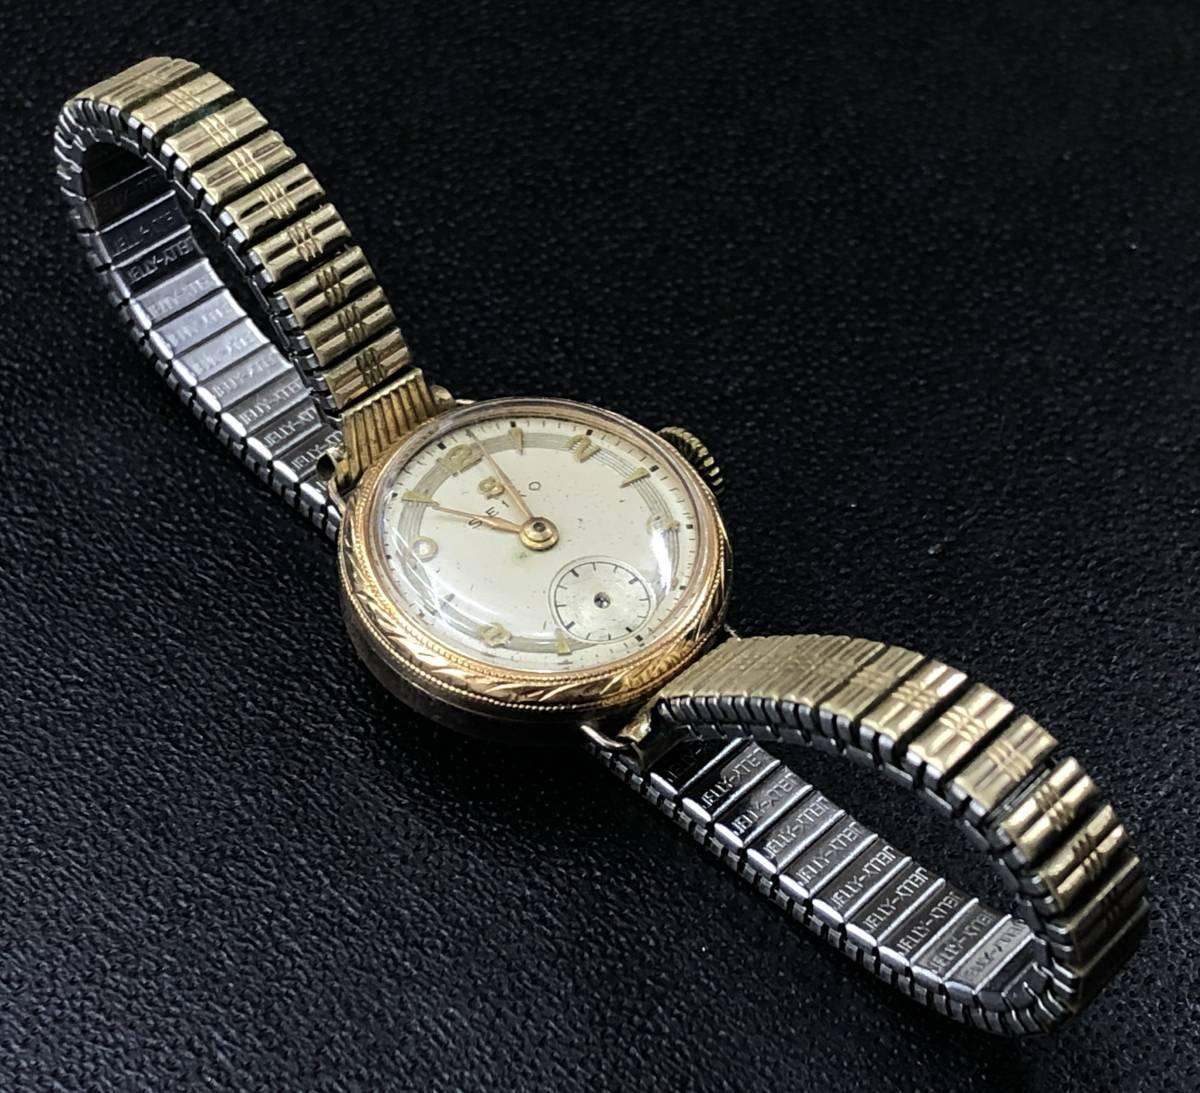 1円~ SEIKO セイコー 腕時計 18K ファッション 小物 レディース おしゃれ アクセサリー 貴金属 アンティーク _画像2